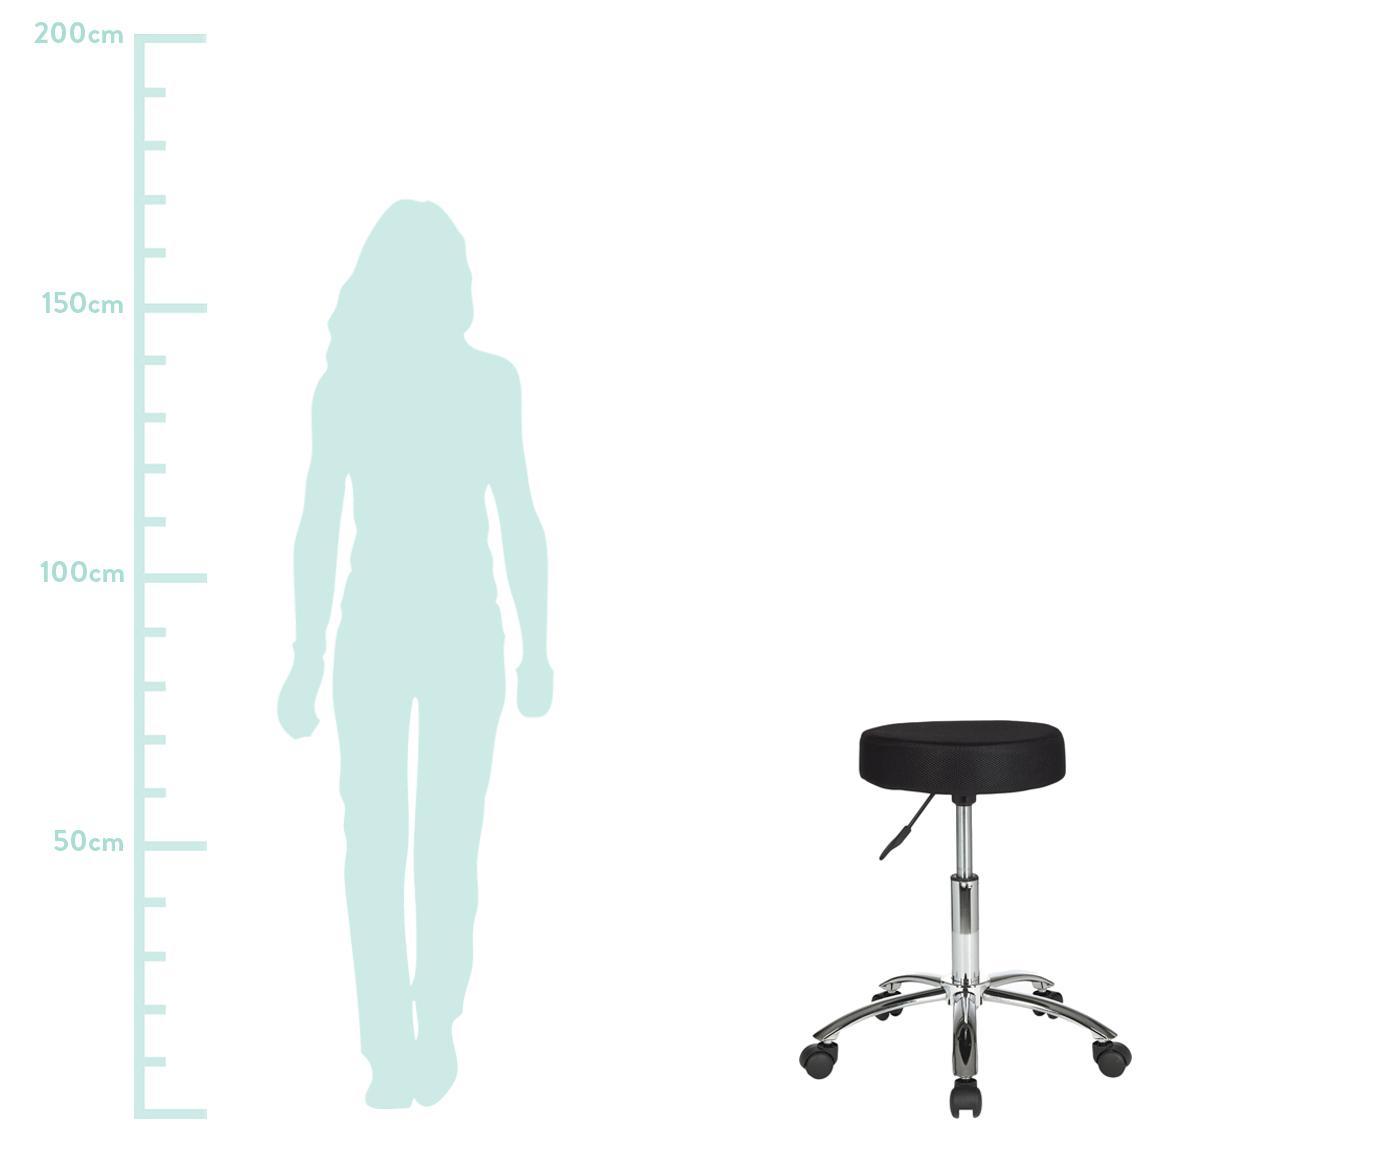 Höhenverstellbarer Bürohocker Leon mit Rollen, Bezug: Nylon, Polyamid, Gestell: Metall, verchromt, Rollen: Kunststoff, Schwarz, Chrom, Ø 55 x H 60 cm